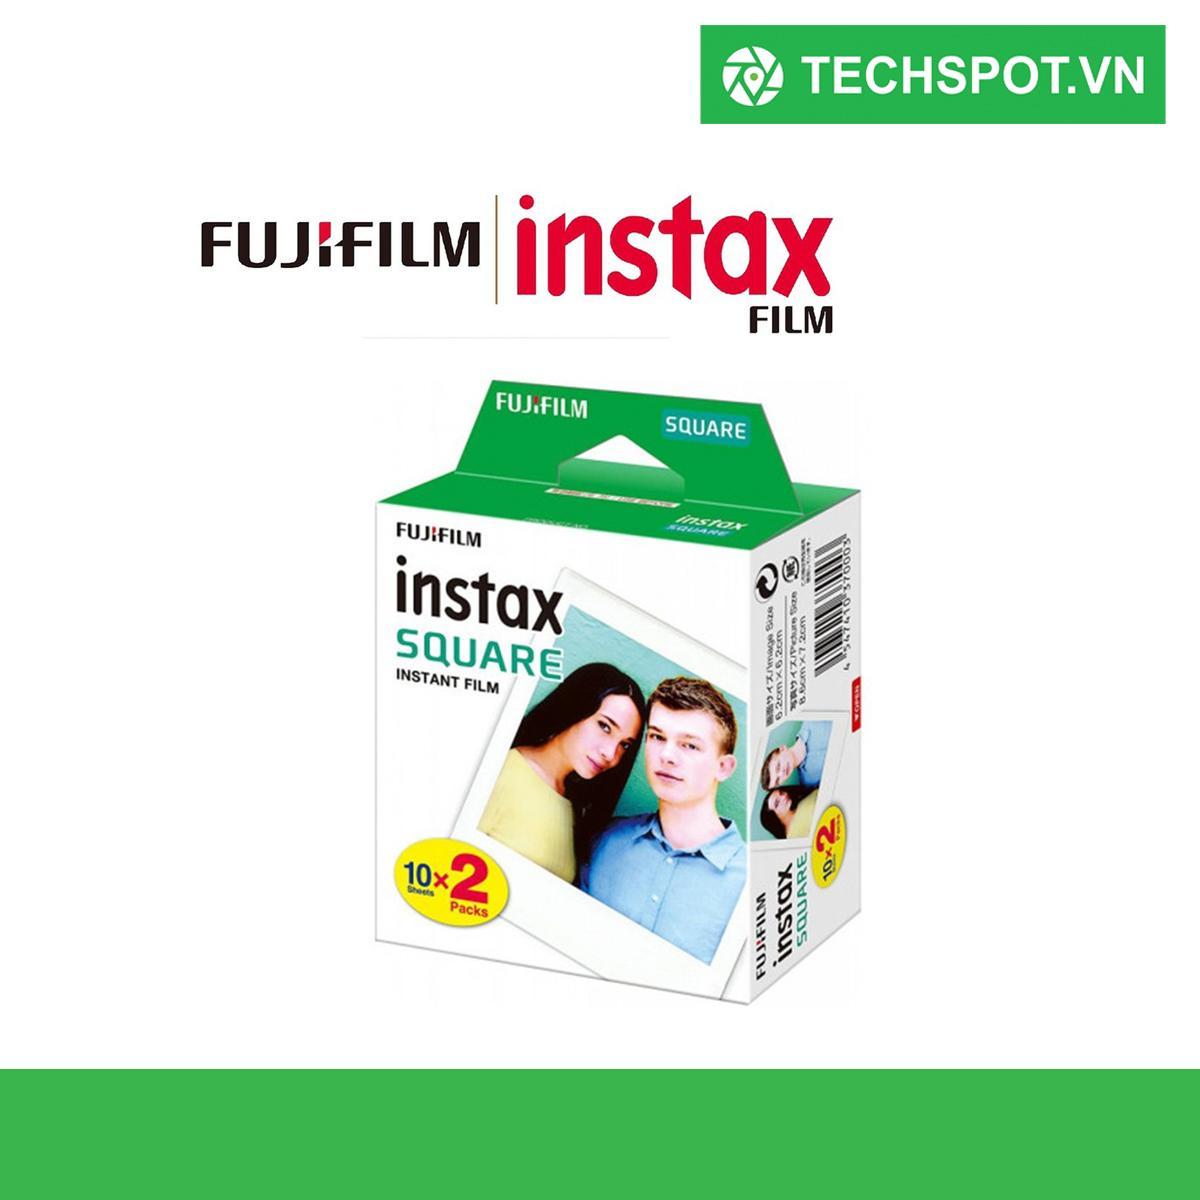 Giá 20 Tấm Fujifilm Instax SQUARE Bộ Cặp Phim Viền Trắng Giấy In Ảnh cho Instax SQ10 SQ6 Ngay Chia Sẻ SP-3 Máy In